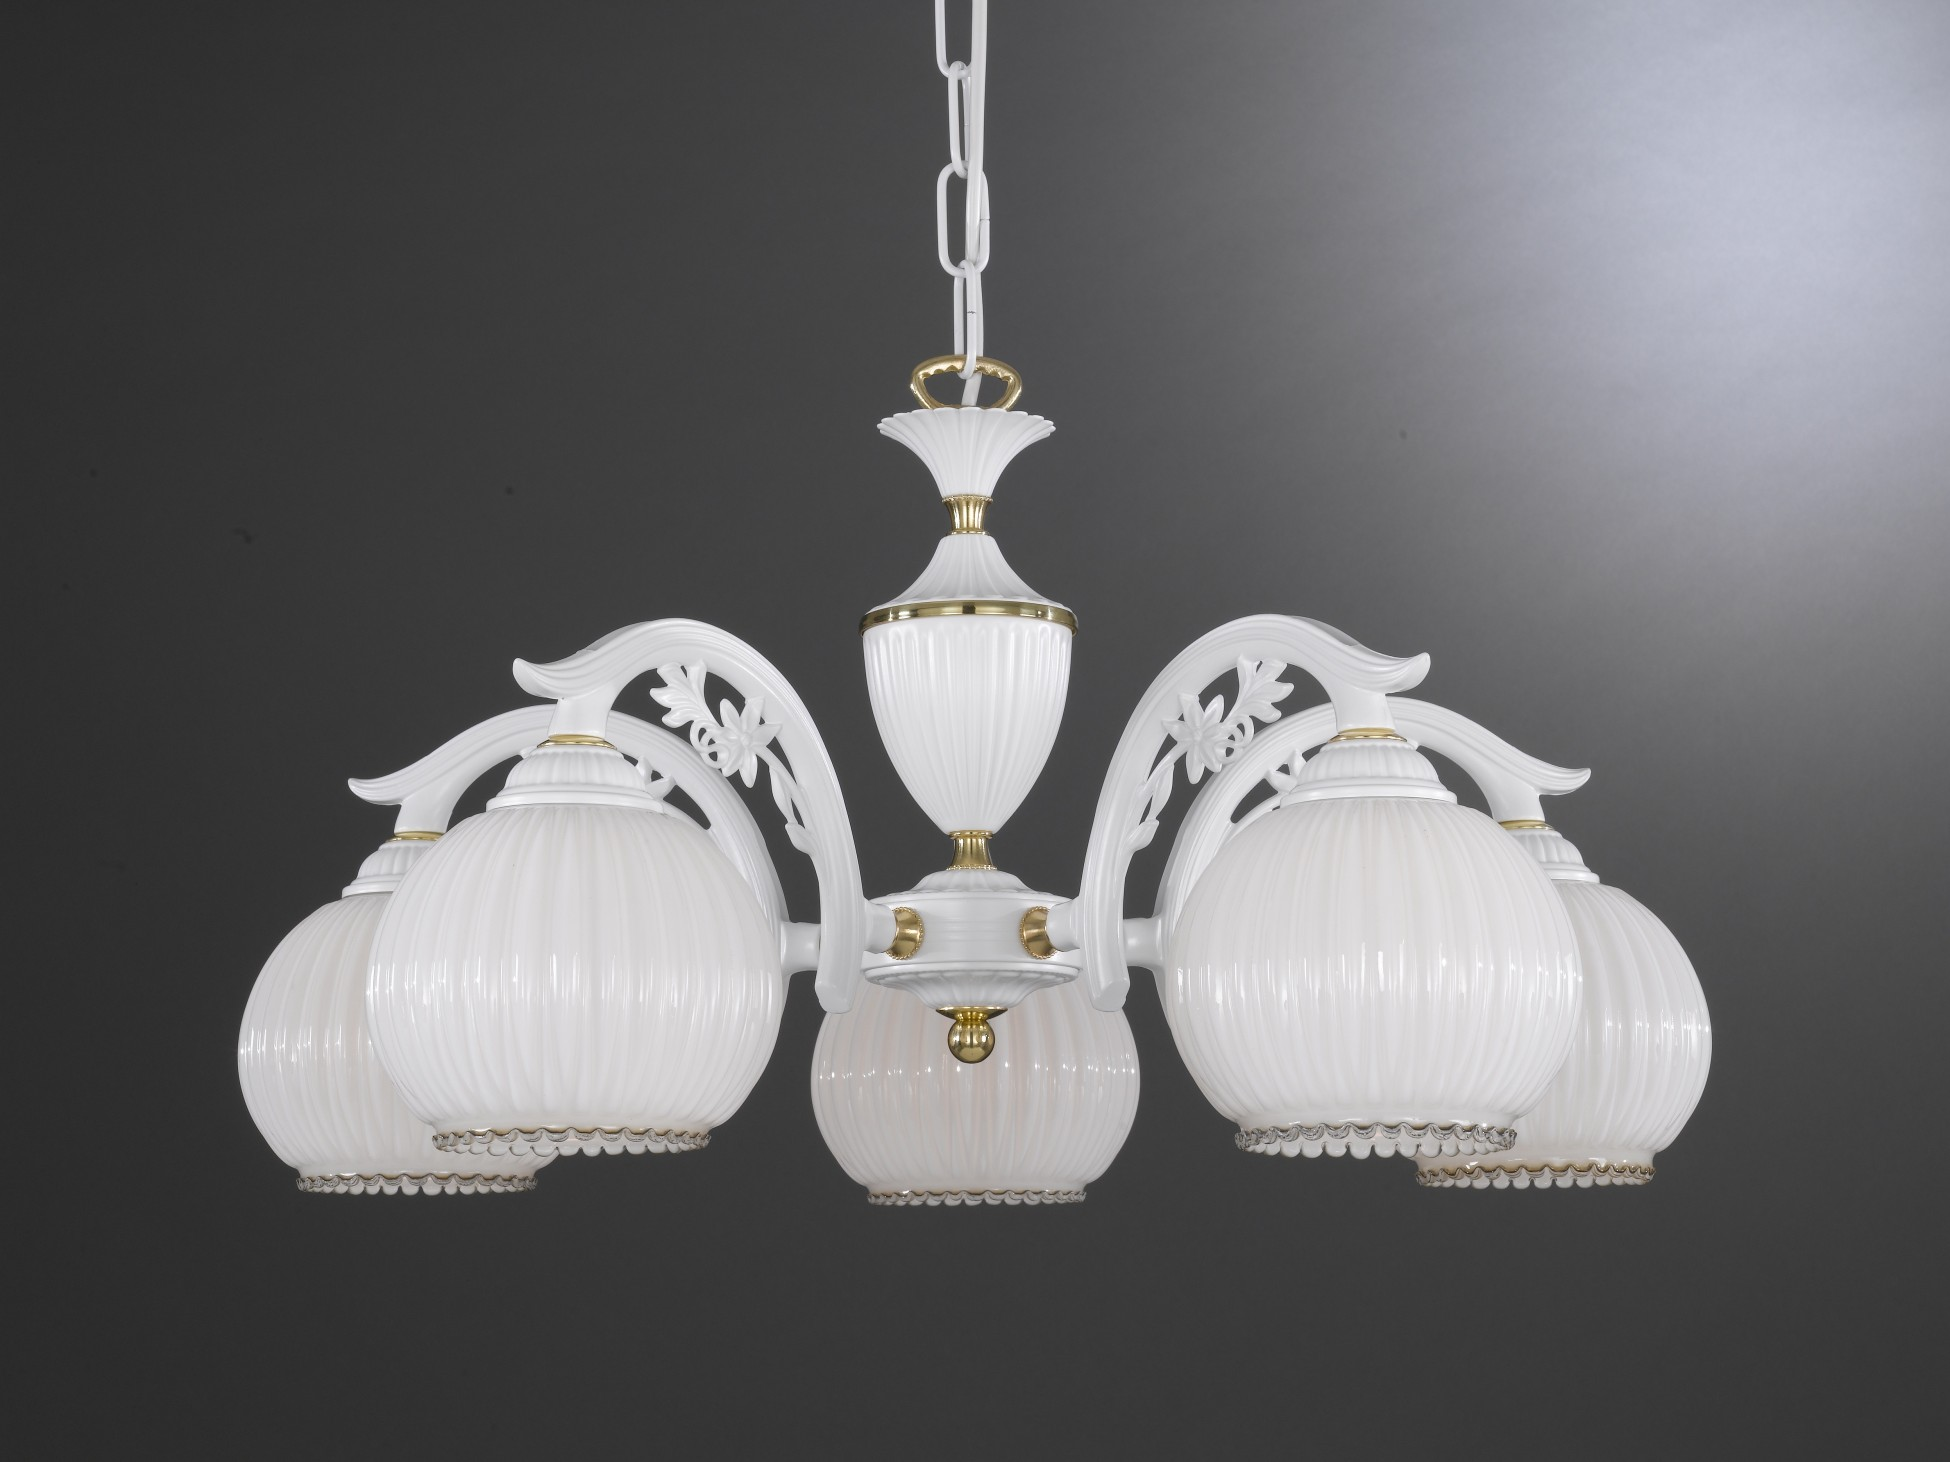 Lampadario Bianco Opaco : Lampadario classico a luci vetro bianco soffiato reccagni store